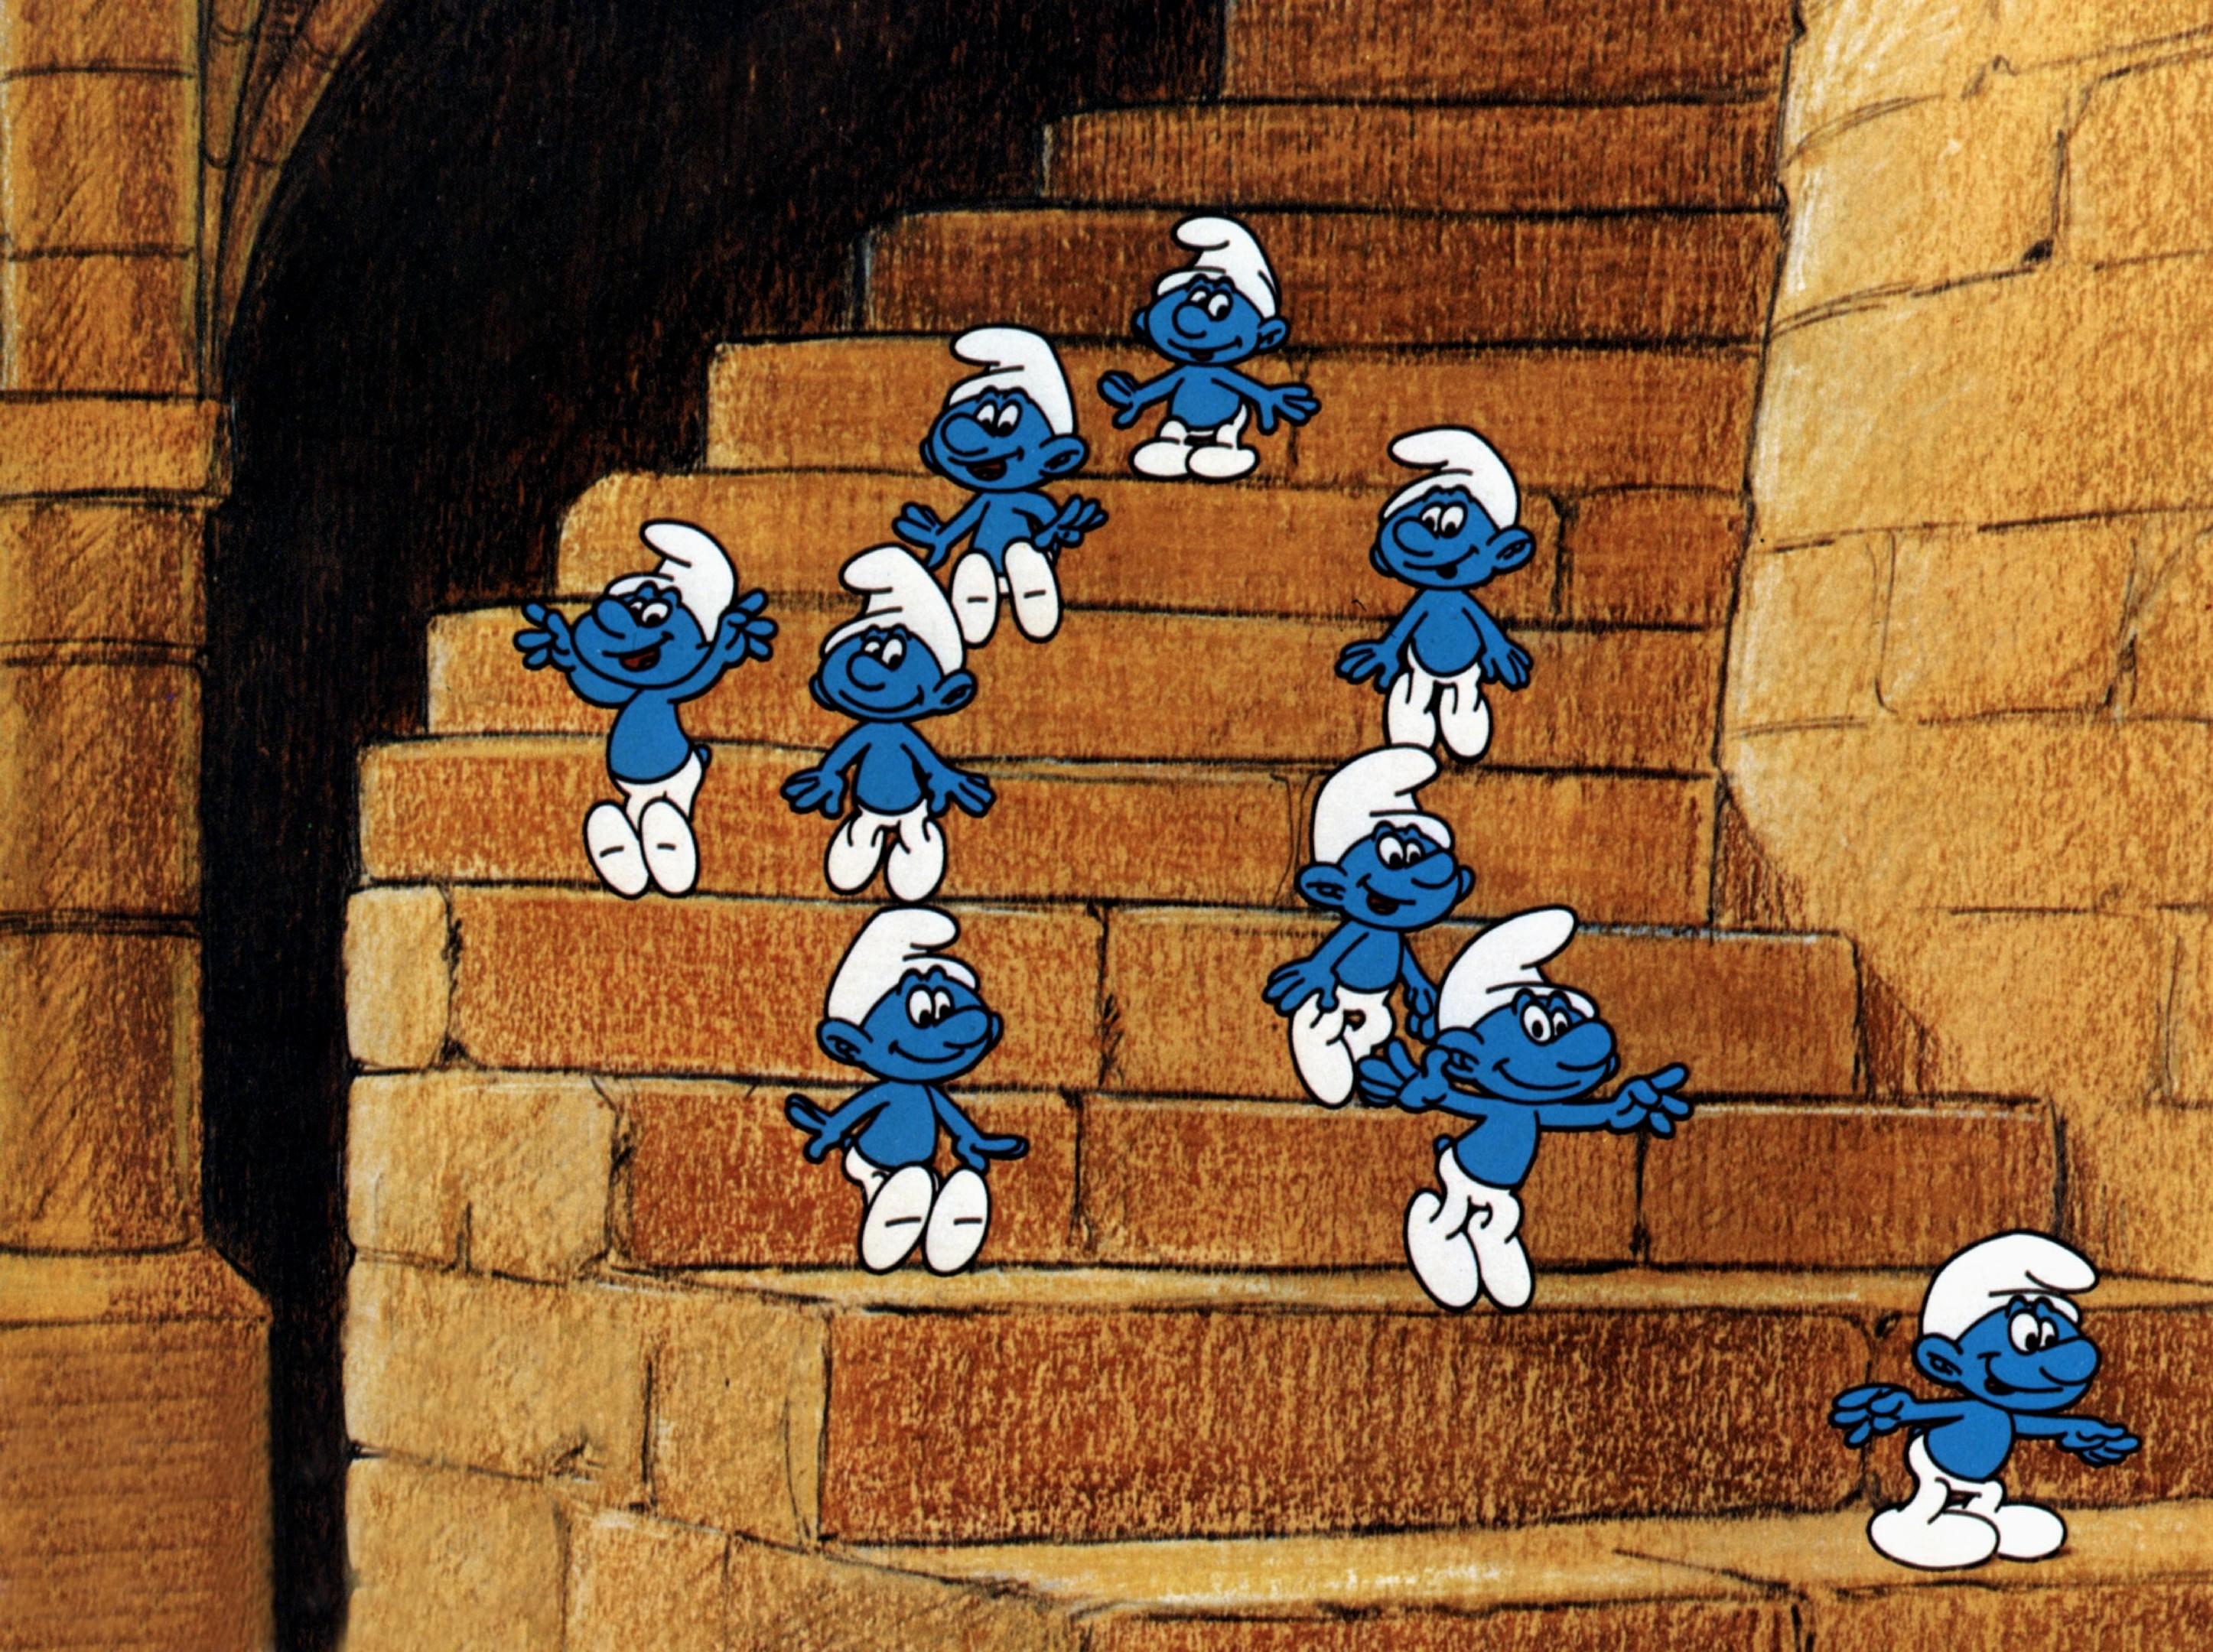 The Smurfs (Allstar/BELVISION)